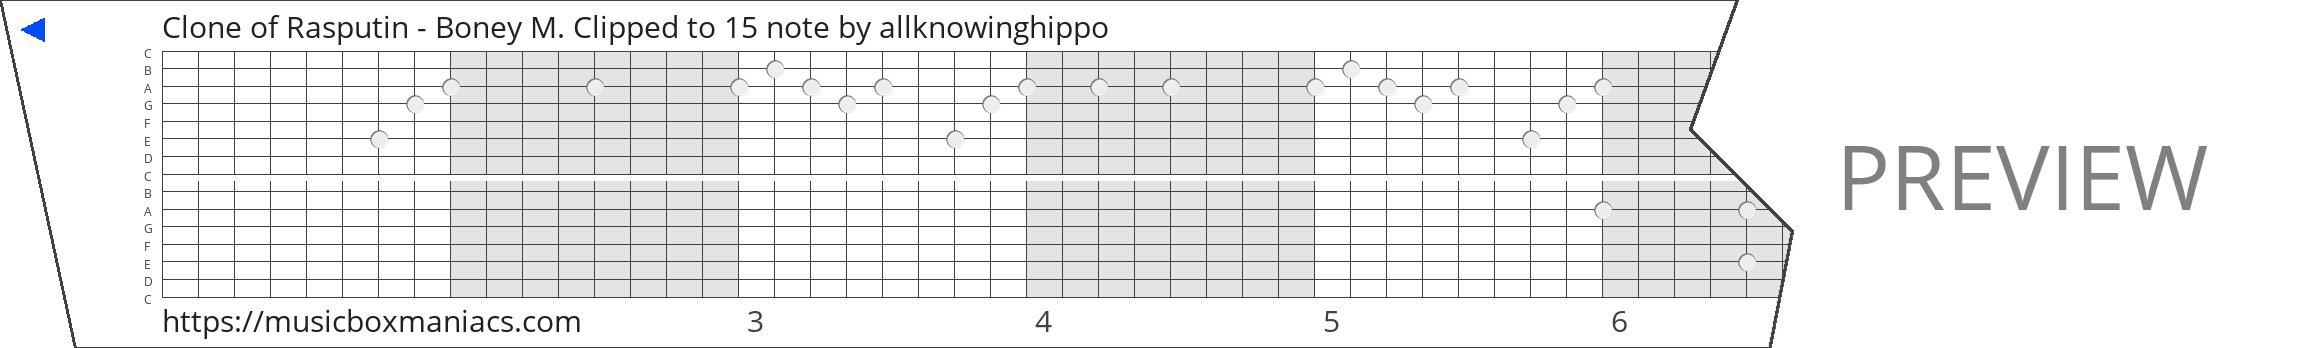 Clone of Rasputin - Boney M. Clipped to 15 note 15 note music box paper strip